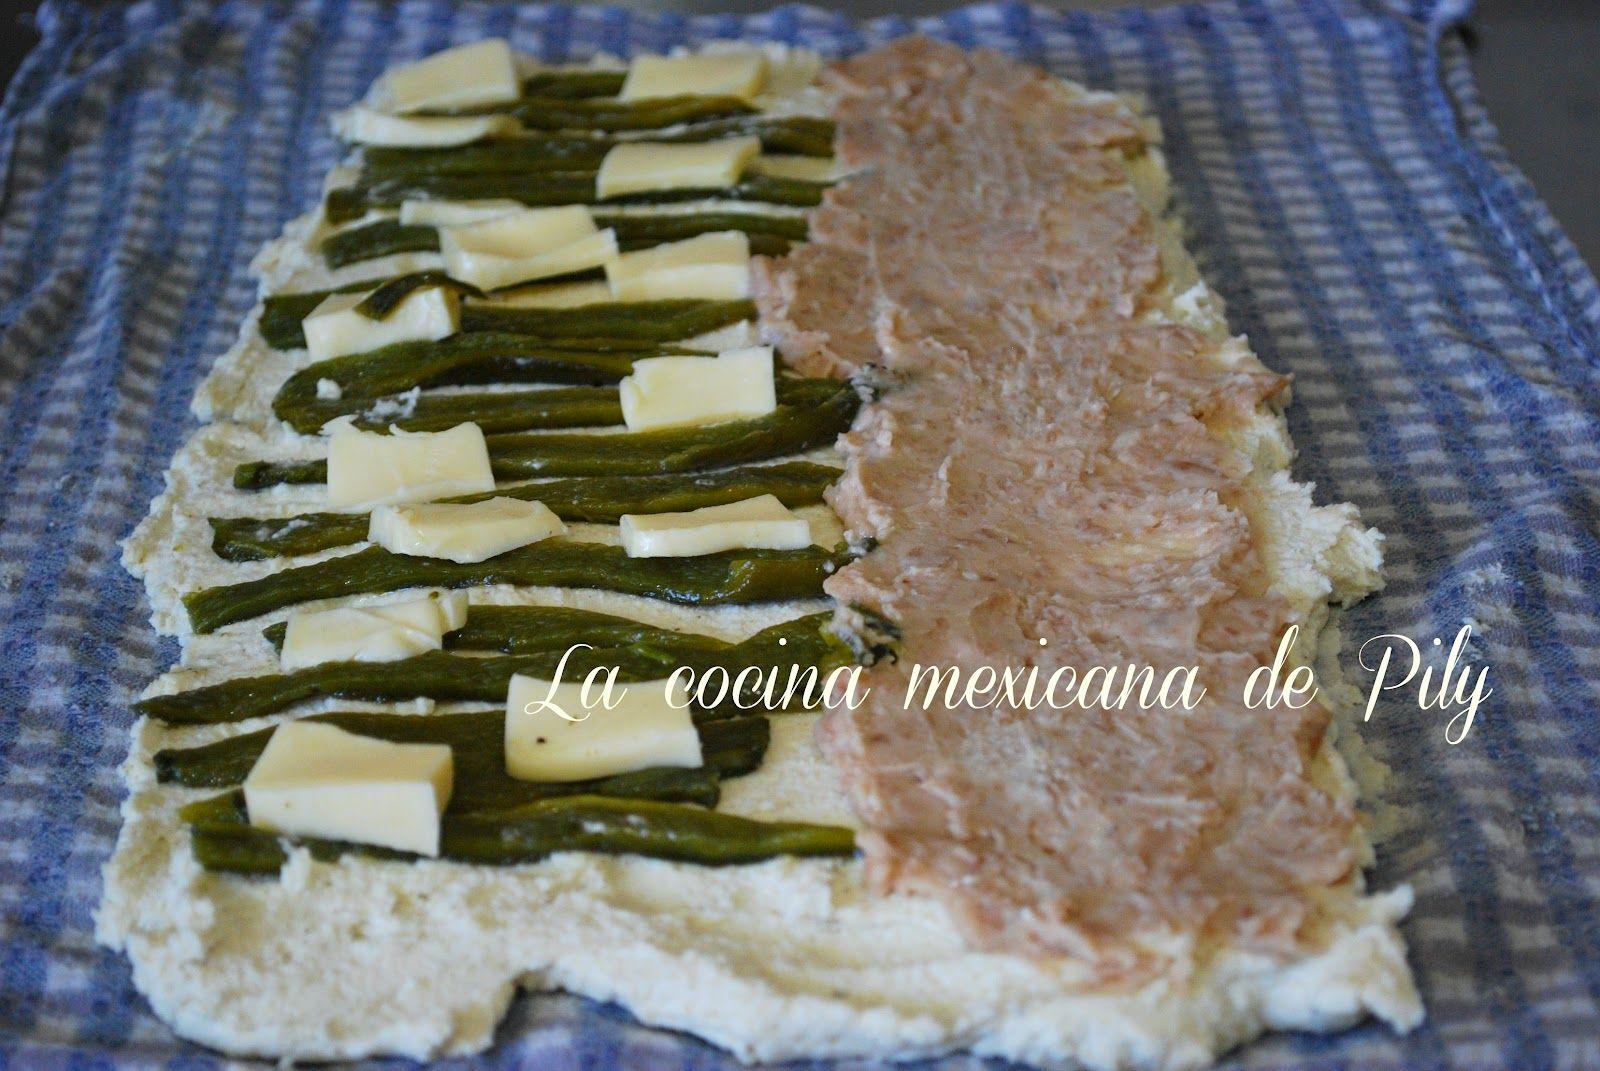 La cocina mexicana de Pily: Exquisito rollo de tamal y ¡Última semana!